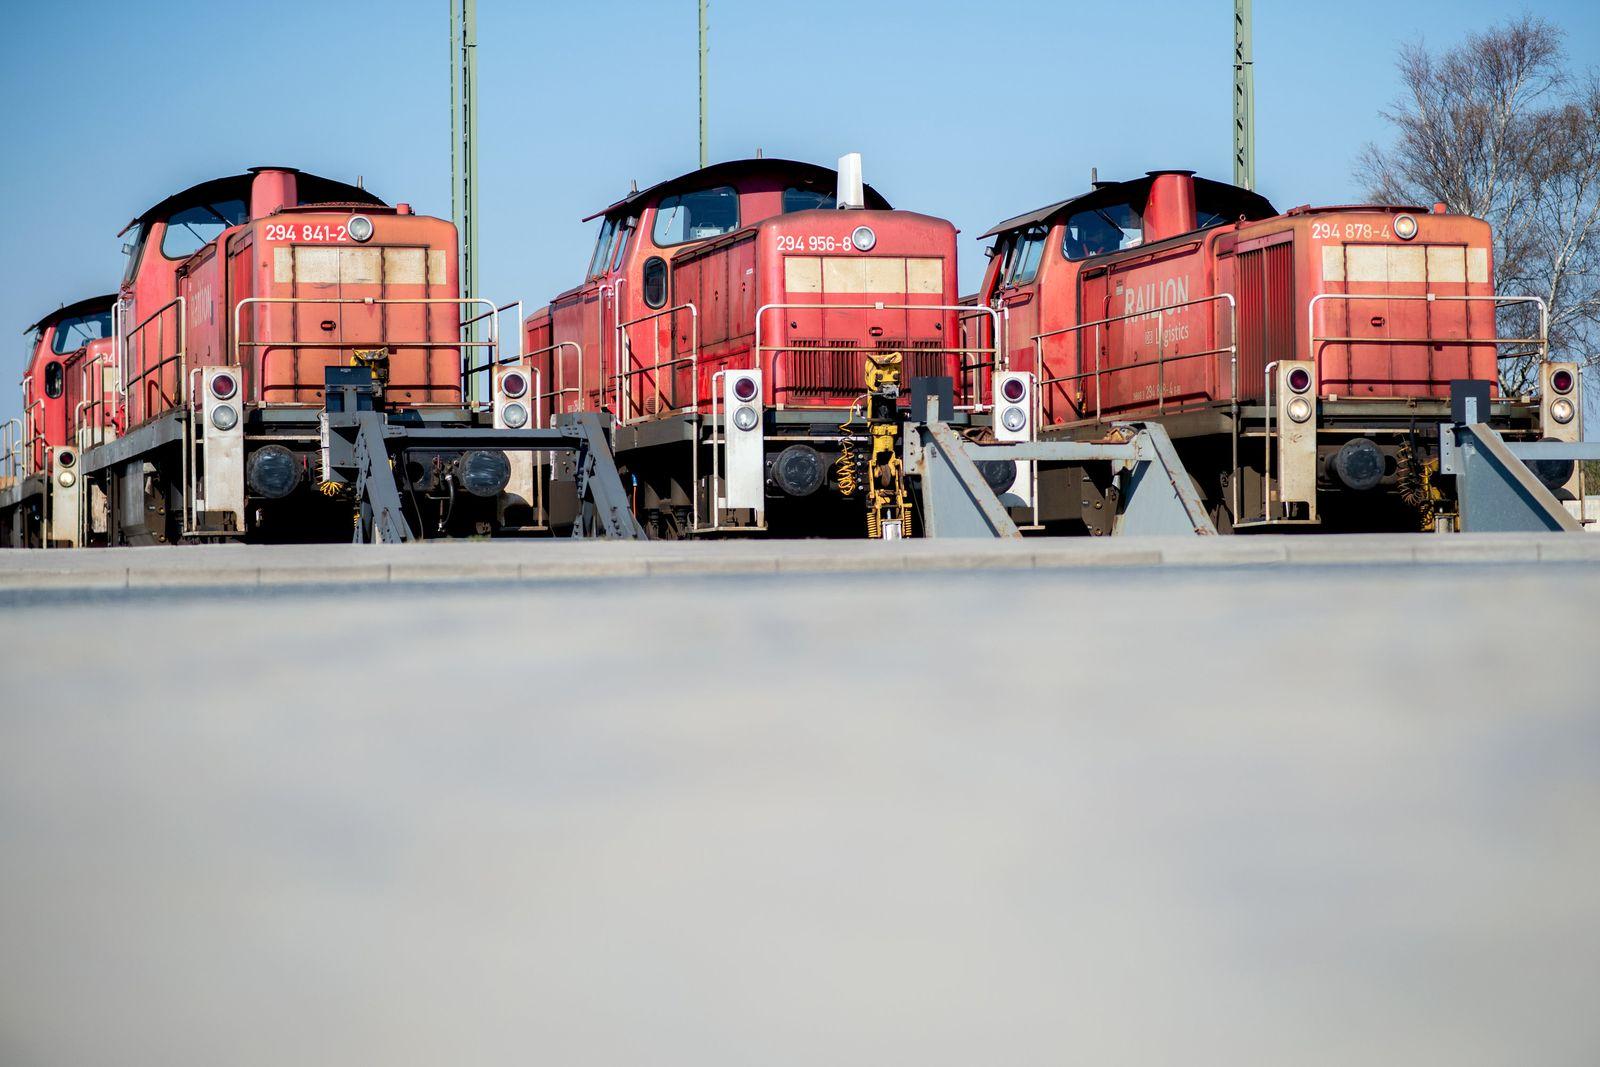 Rangierlokomotiven in Bremerhaven